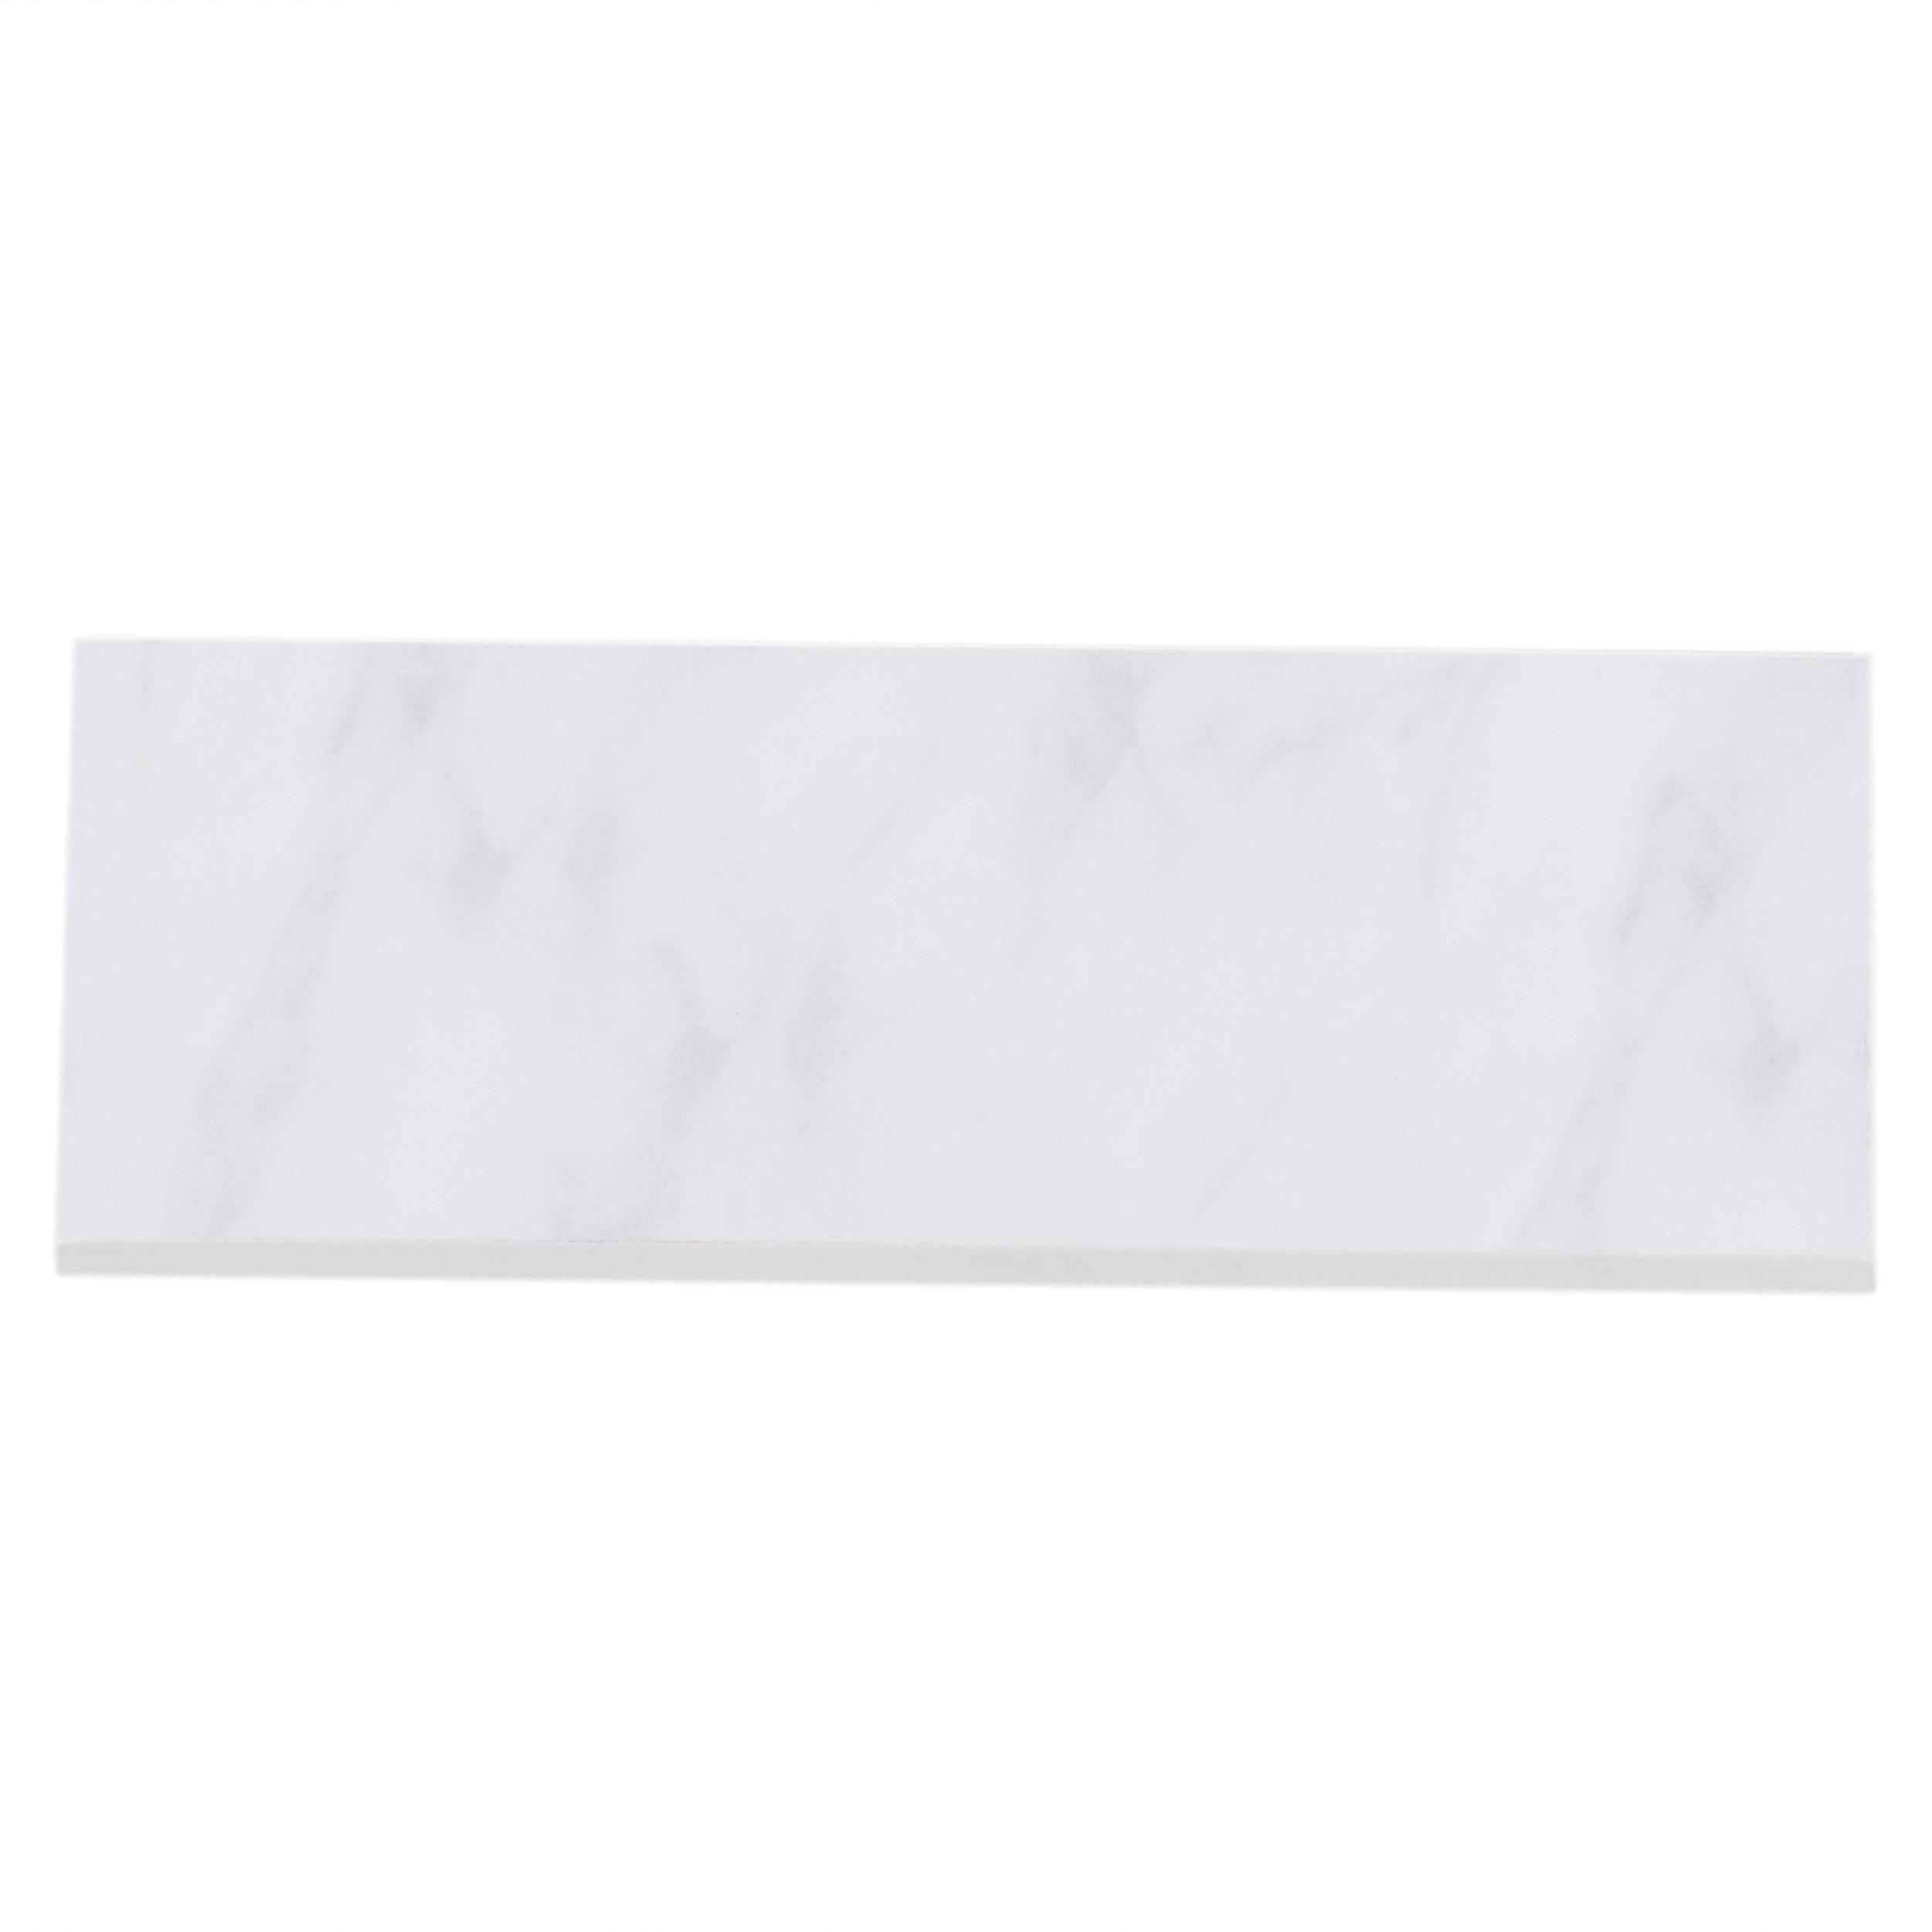 Atrium Kios Gris Glazed Porcelain Floor Tile: Aurora Gris Ceramic Bullnose